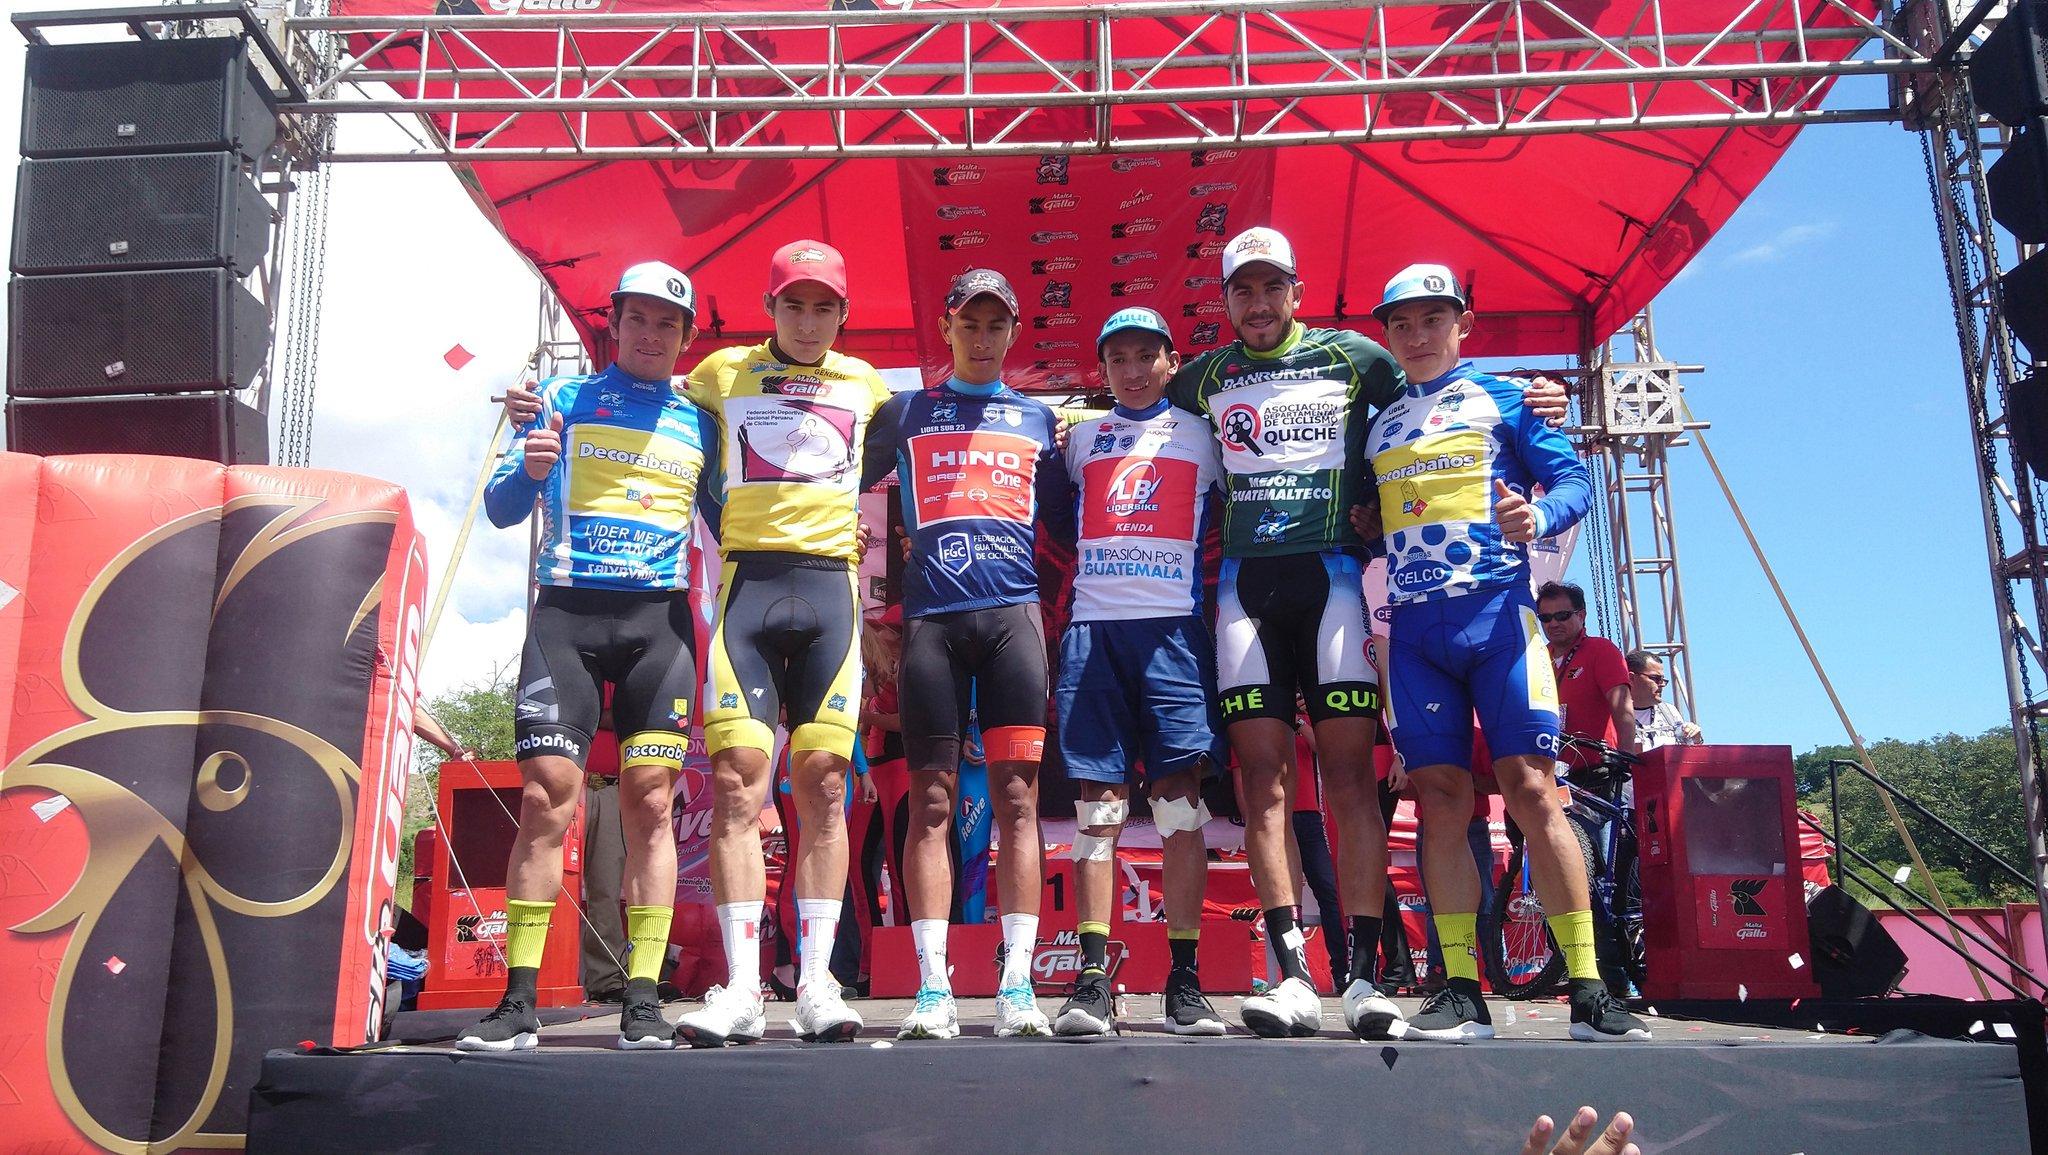 Vea aquí la clasificación general completa de la Vuelta